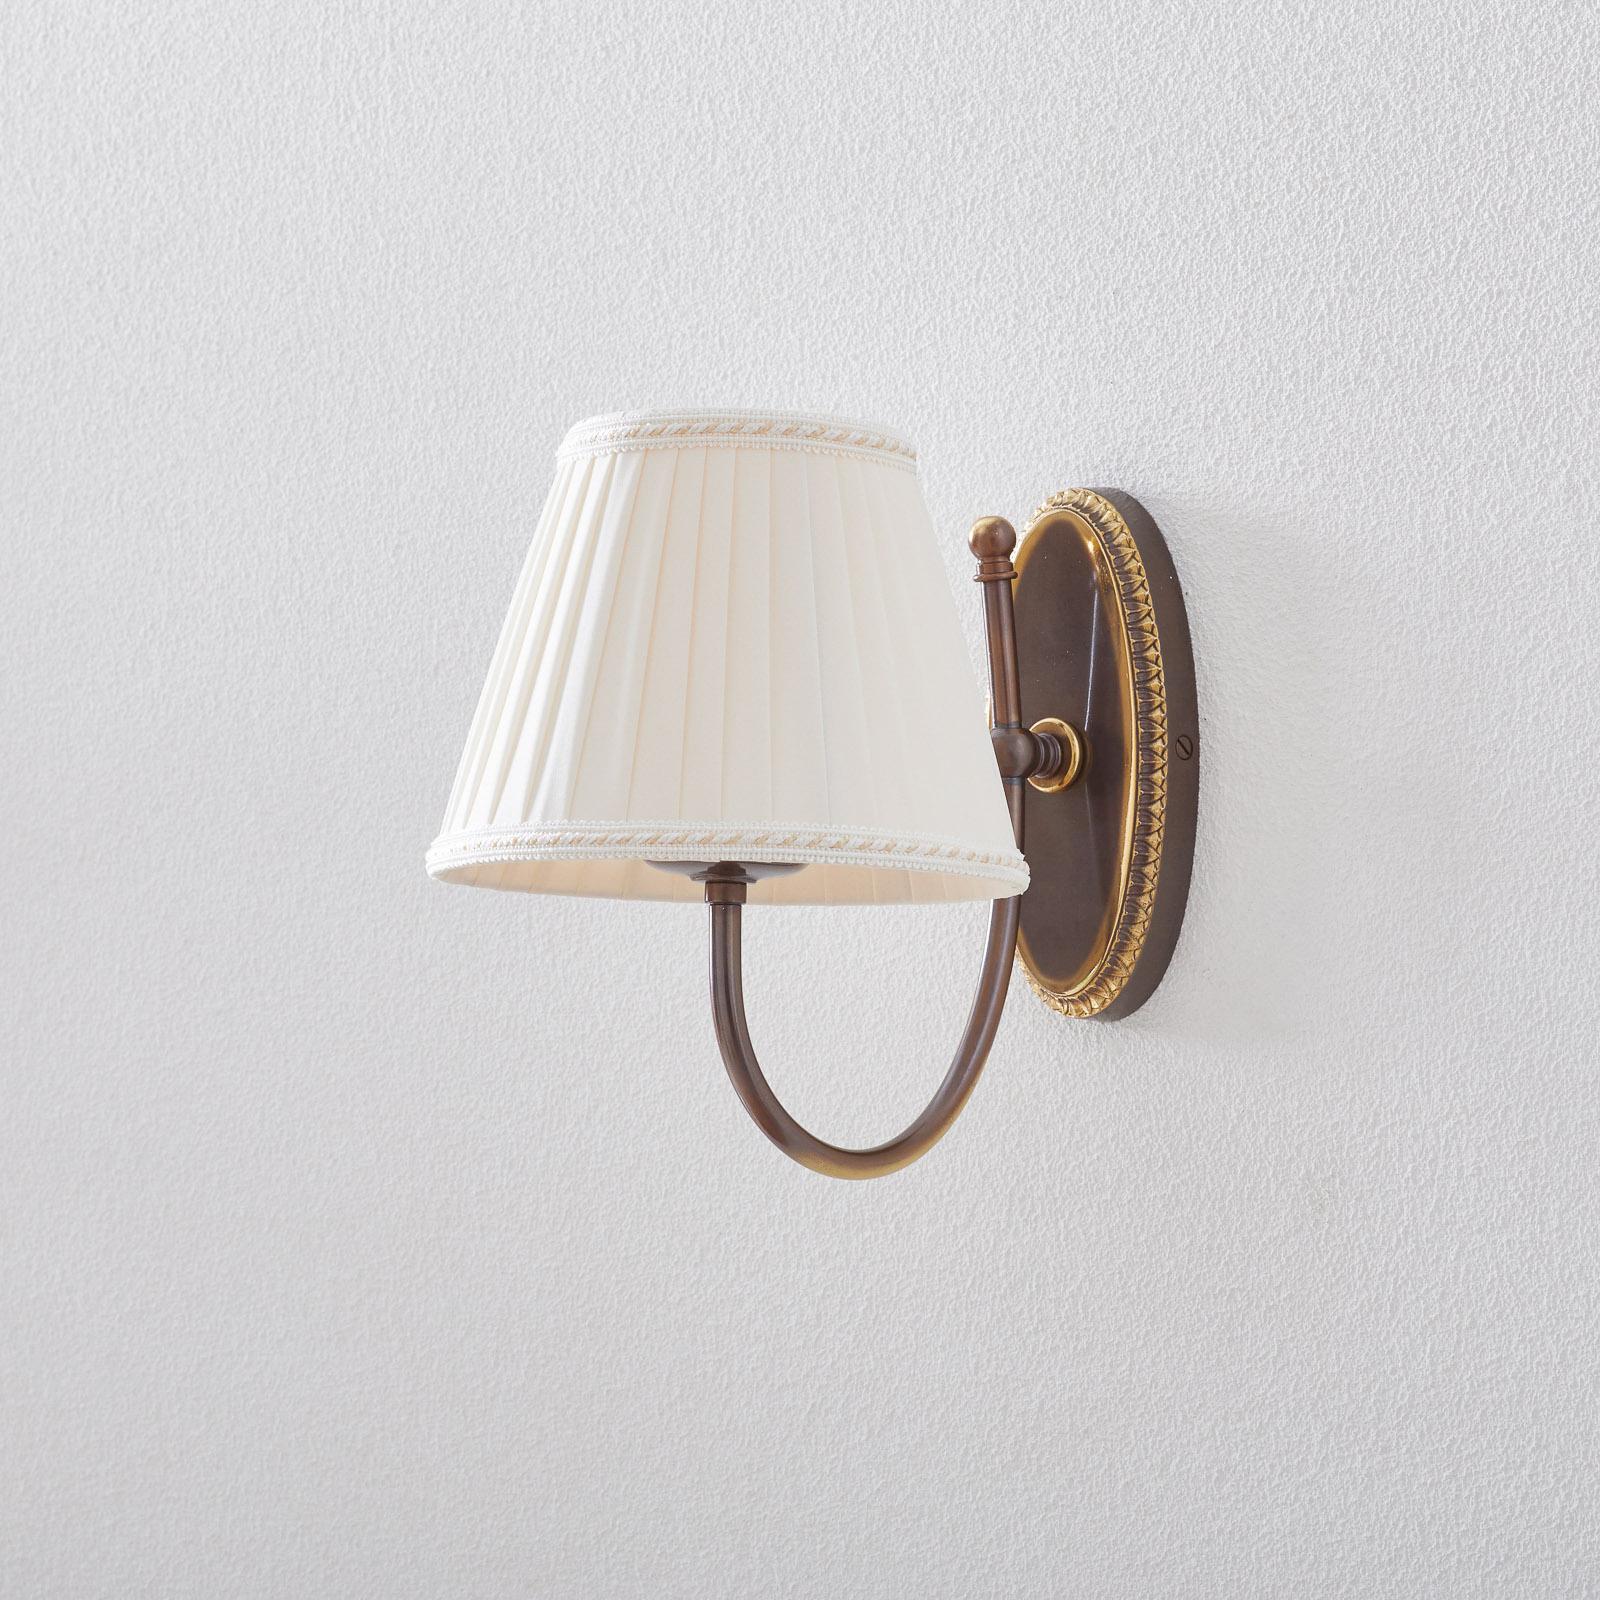 Classic - wandlamp met gebogen arm